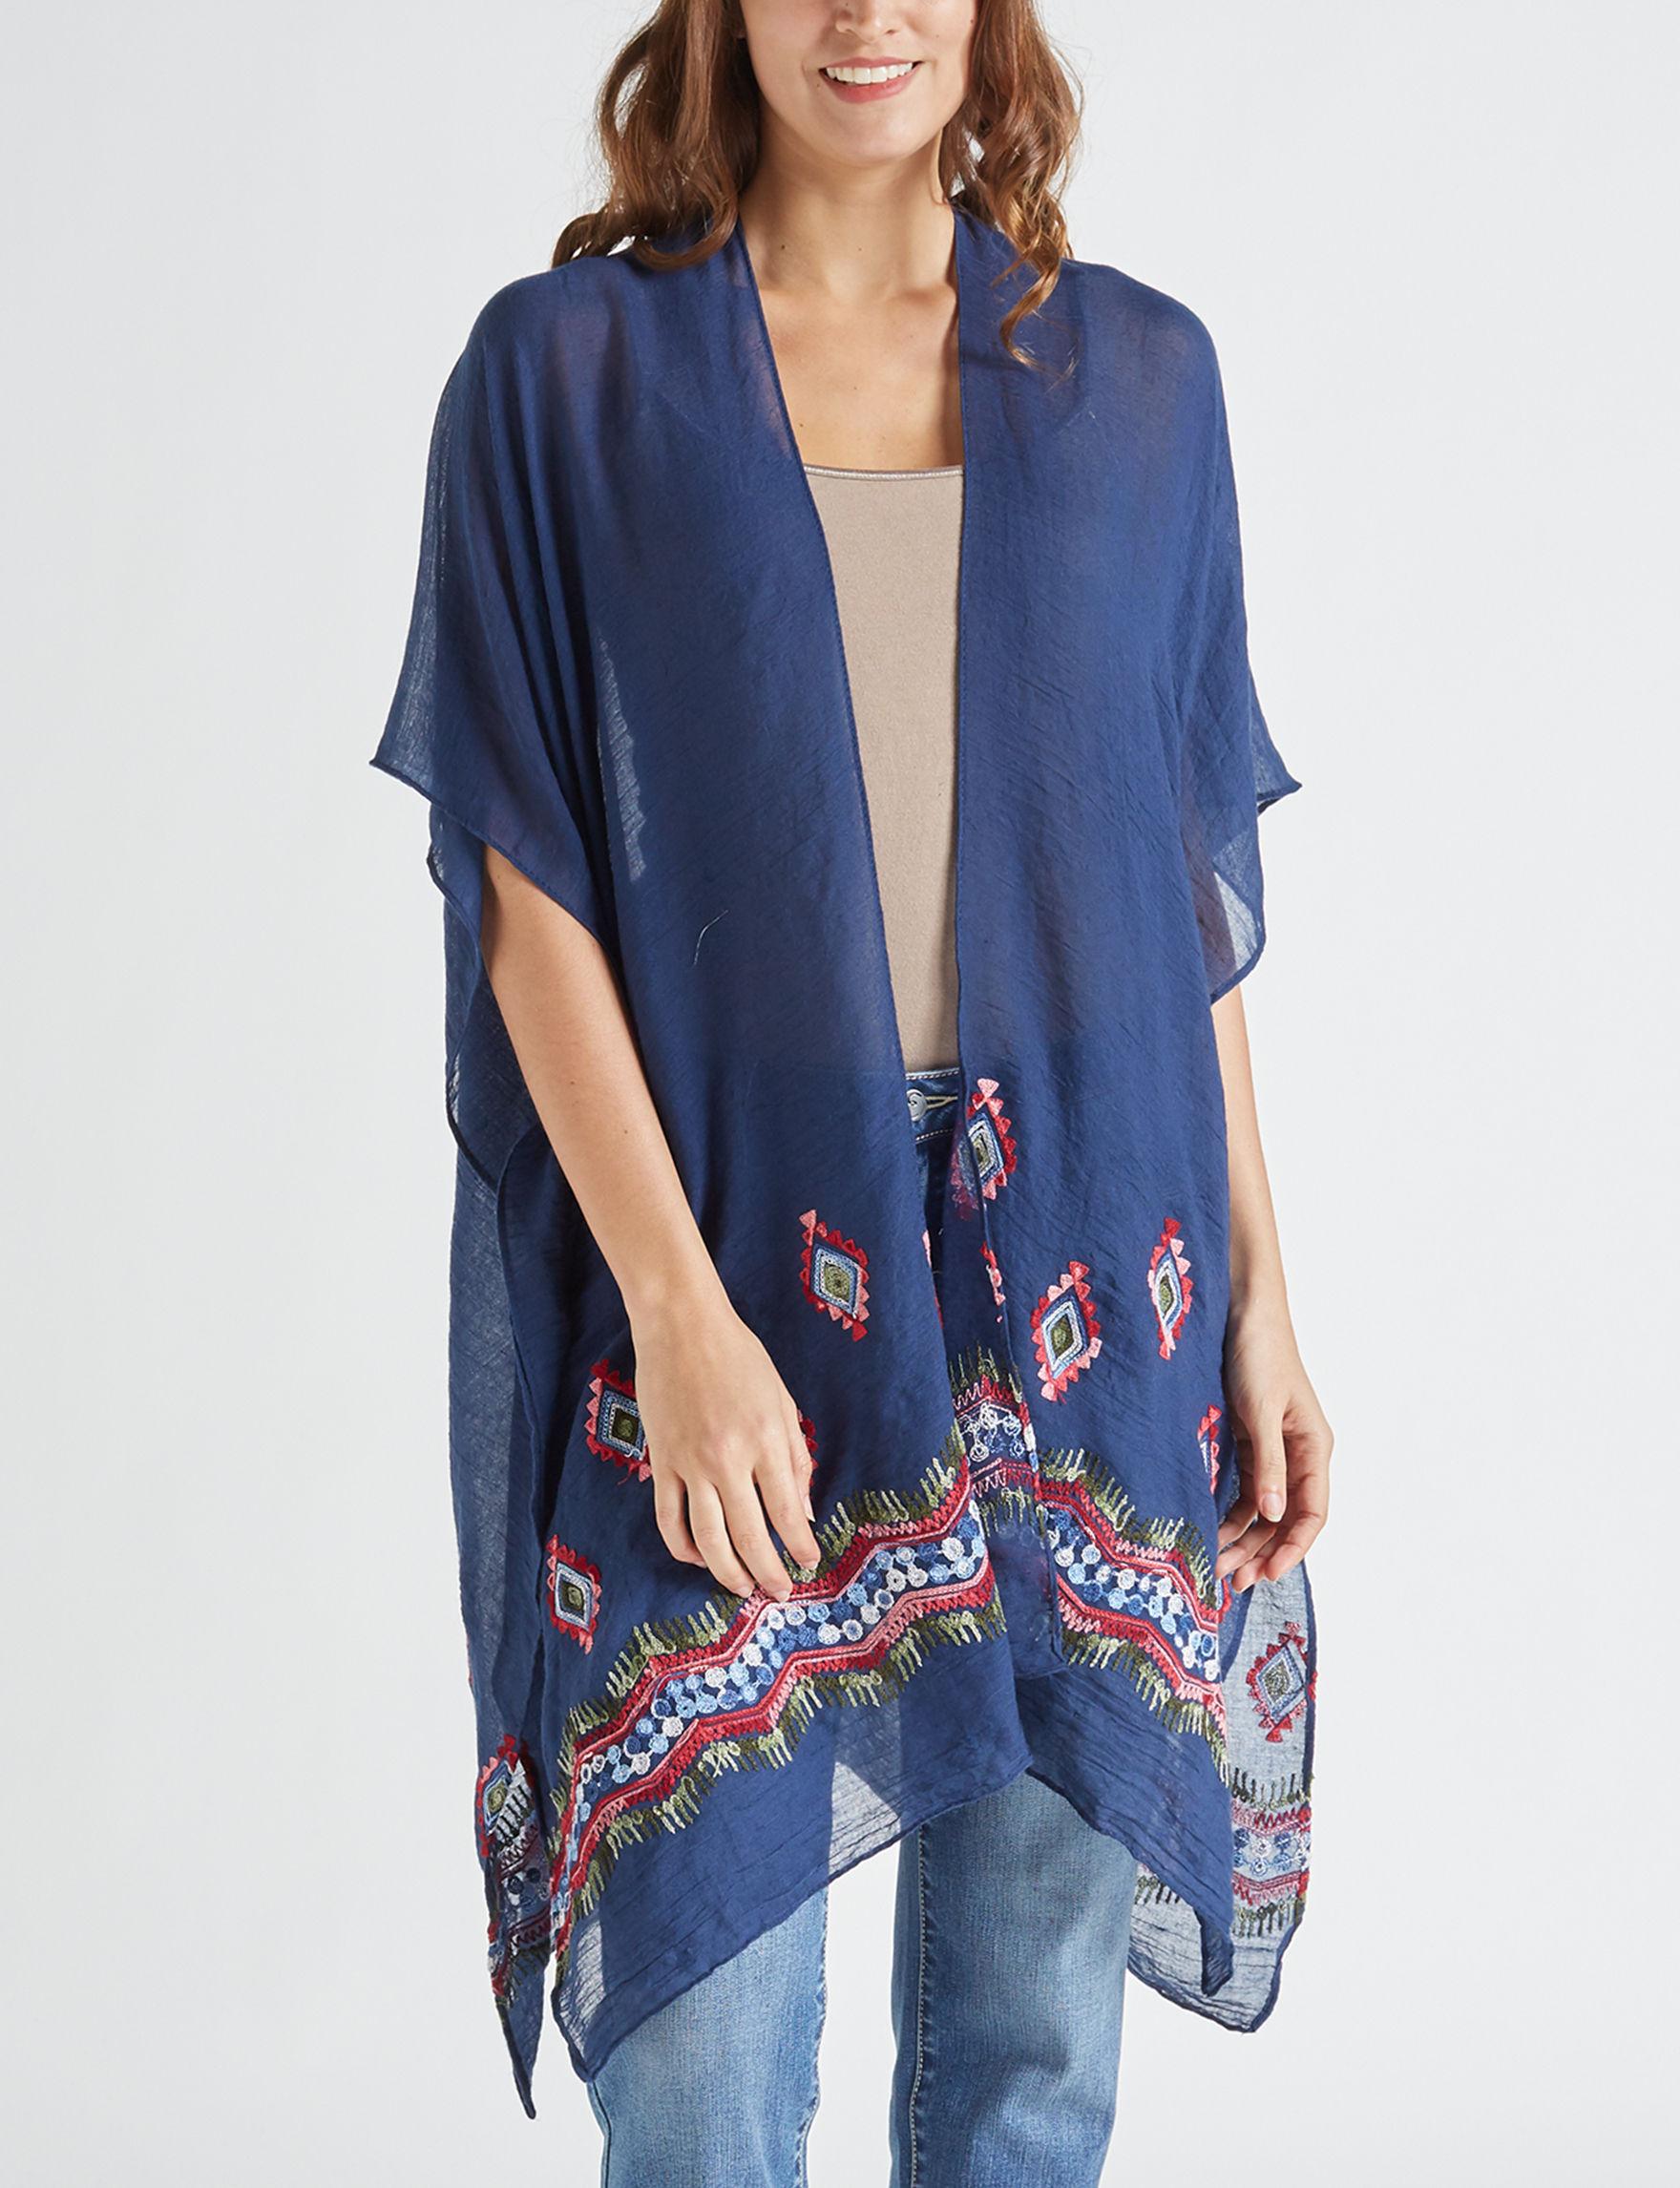 Basha Navy Kimonos & Toppers Scarves & Wraps Ruanas